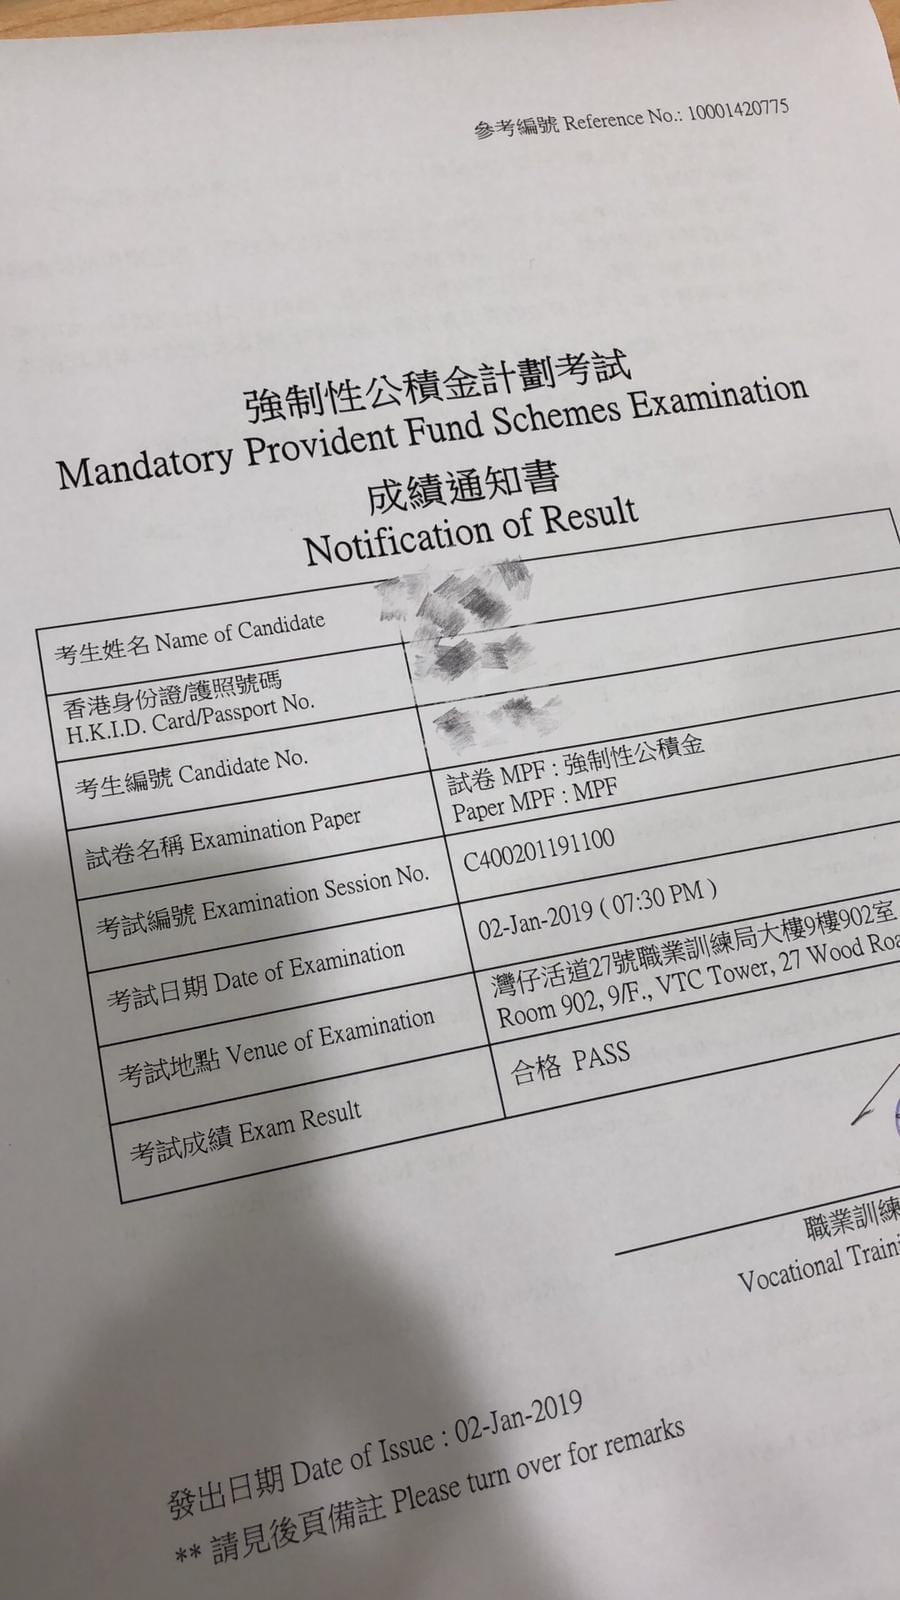 YKN 2/1/2019 MPFE 強積金中介人資格考試 Pass